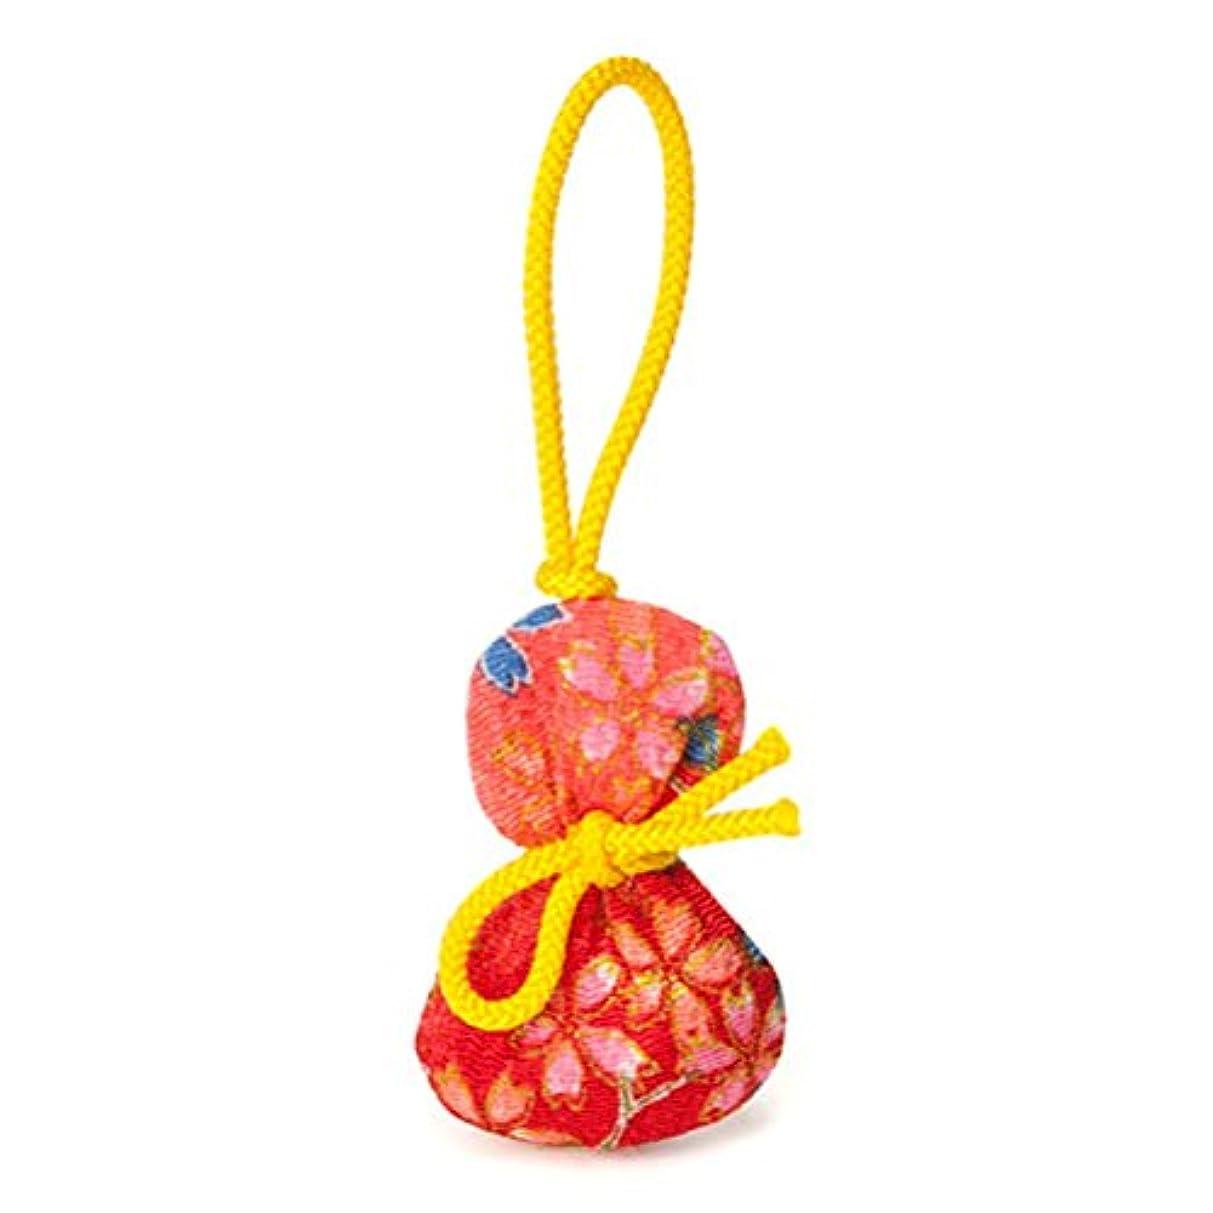 松栄堂 匂い袋 誰が袖 ふくべ 1個入 ケースなし (柄か無地をお選びください) (柄)